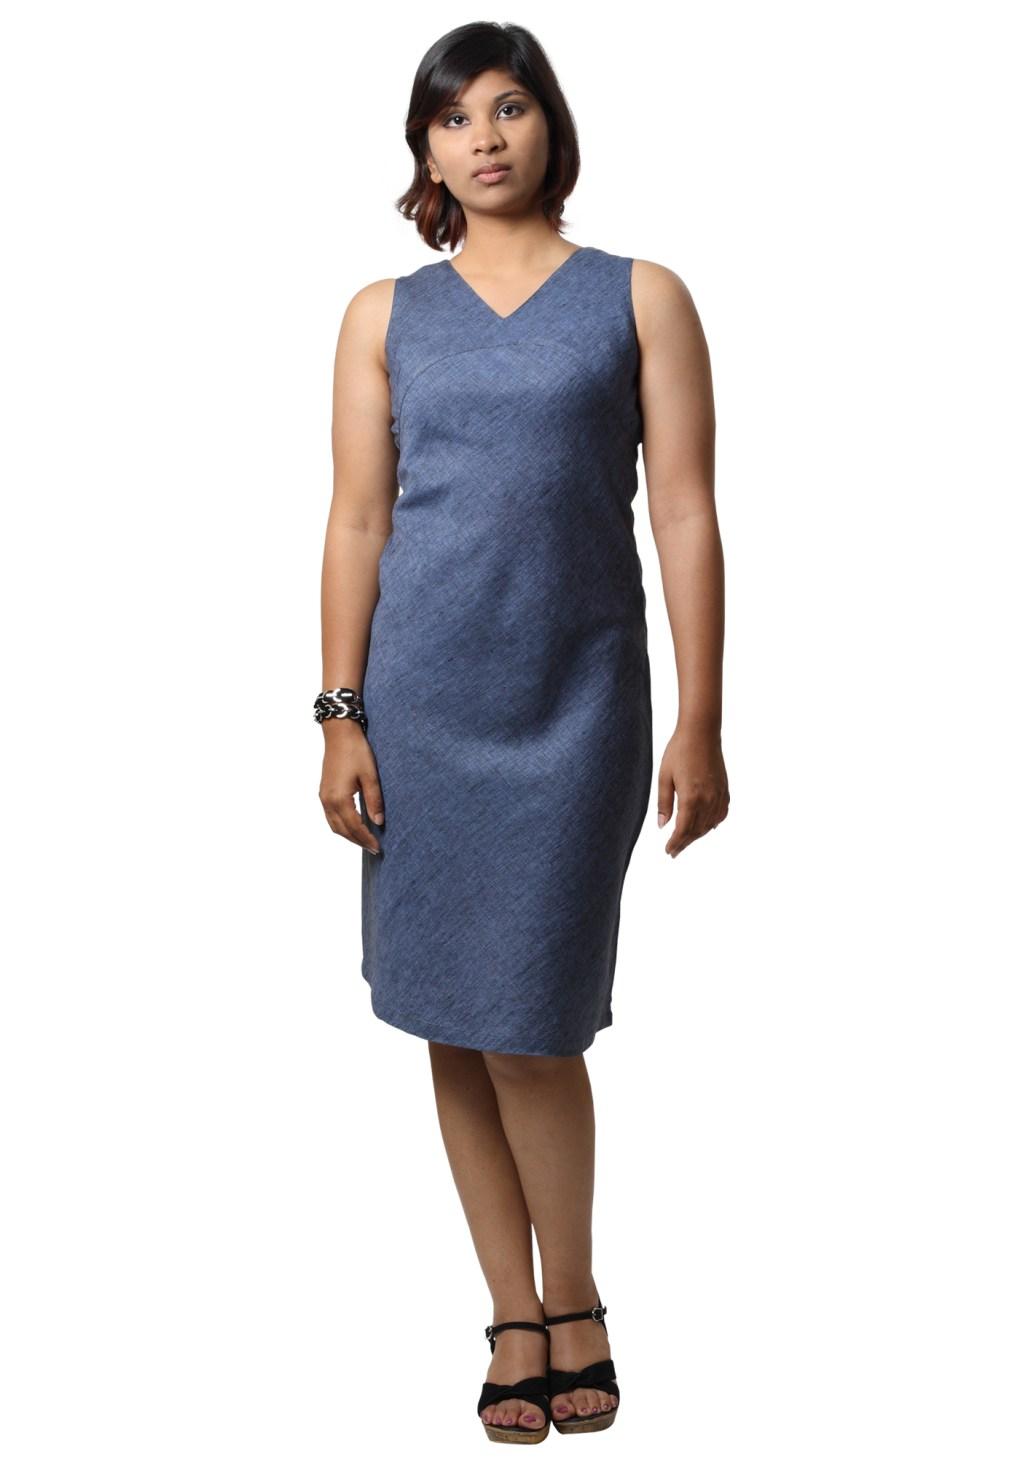 MINC Street Wear Linen Short Dress in Blueberry Blue